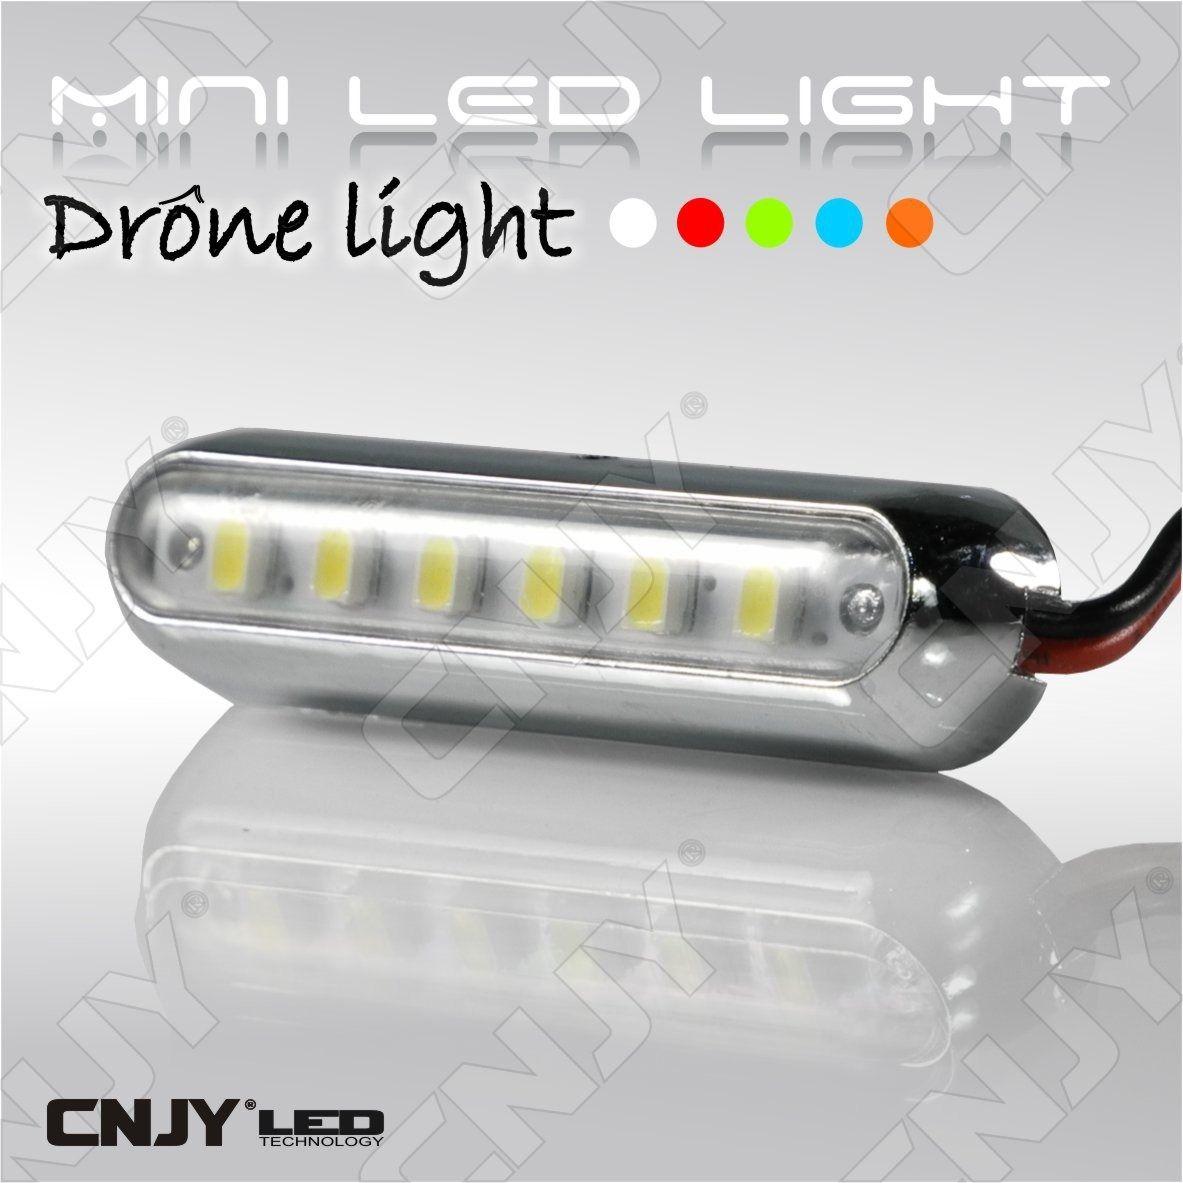 drone led light mini feux l ger pour clairage et signalisation led sur drone 12v dc blanc. Black Bedroom Furniture Sets. Home Design Ideas